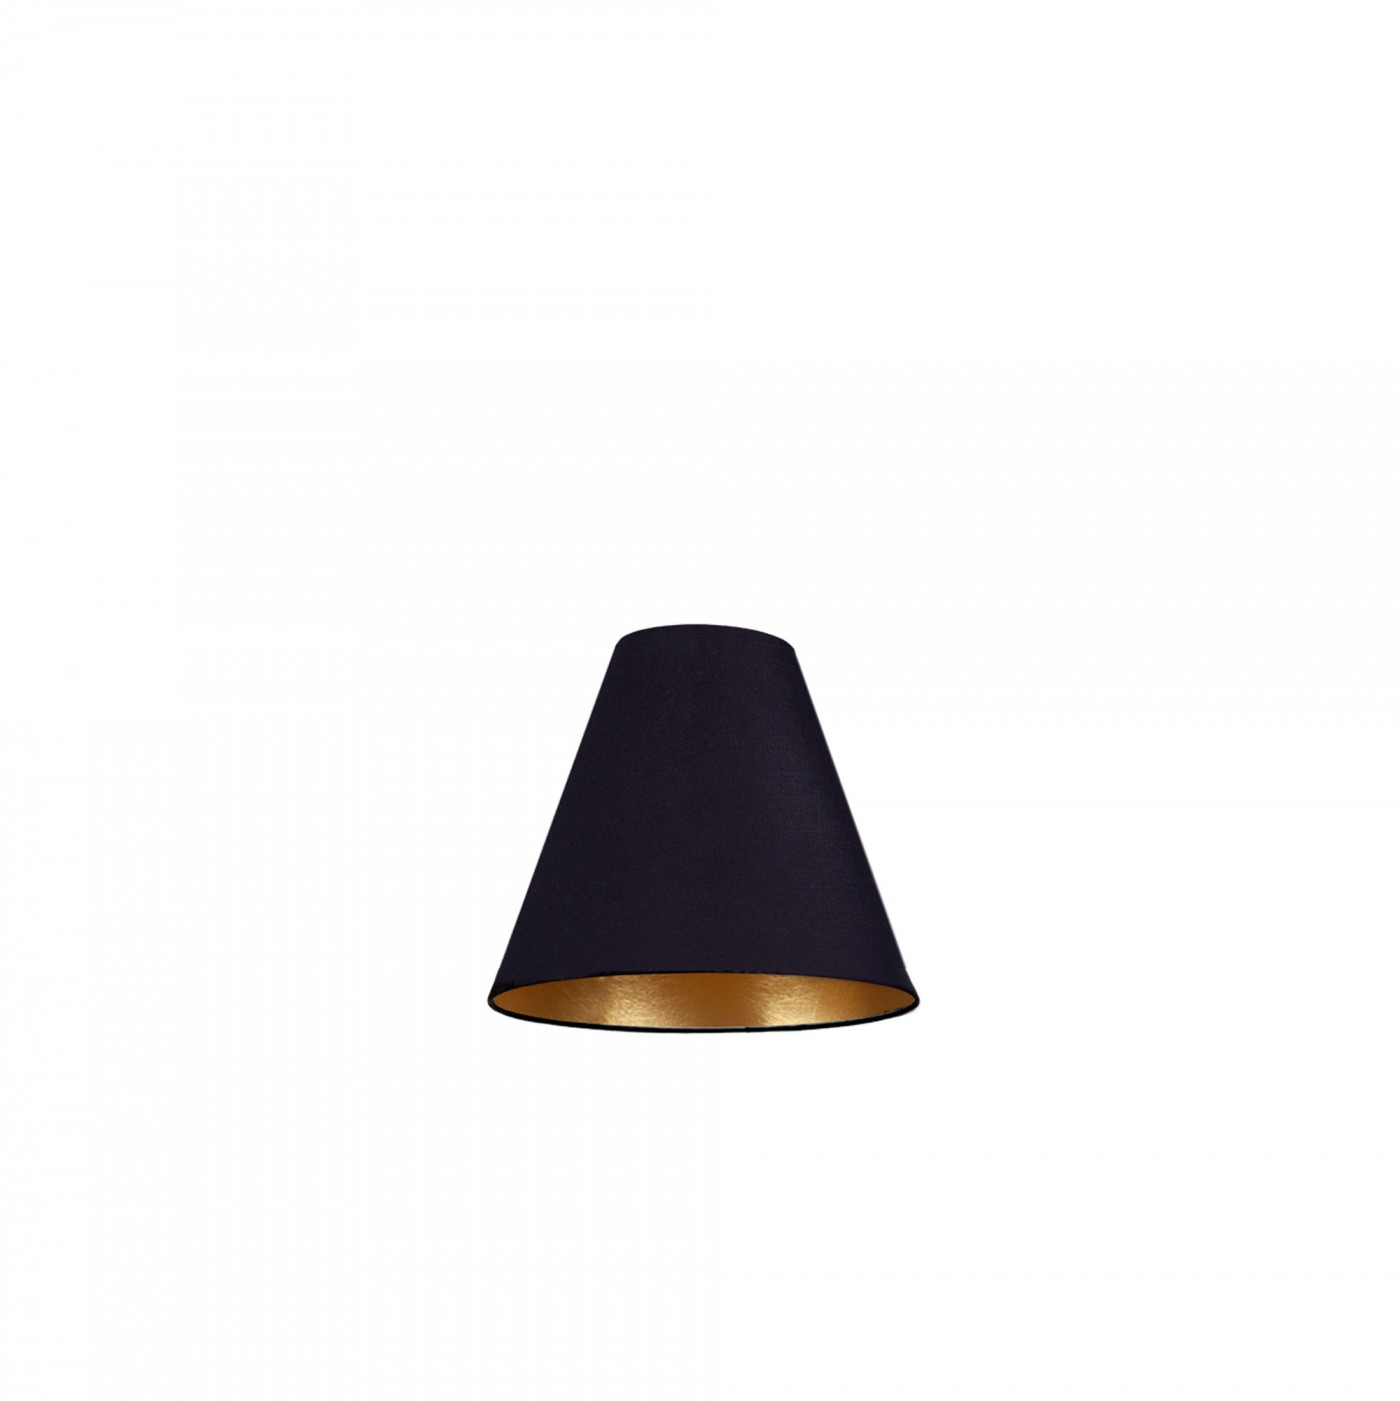 CAMELEON CONE S BL/G 8504 Nowodvorski Lighting